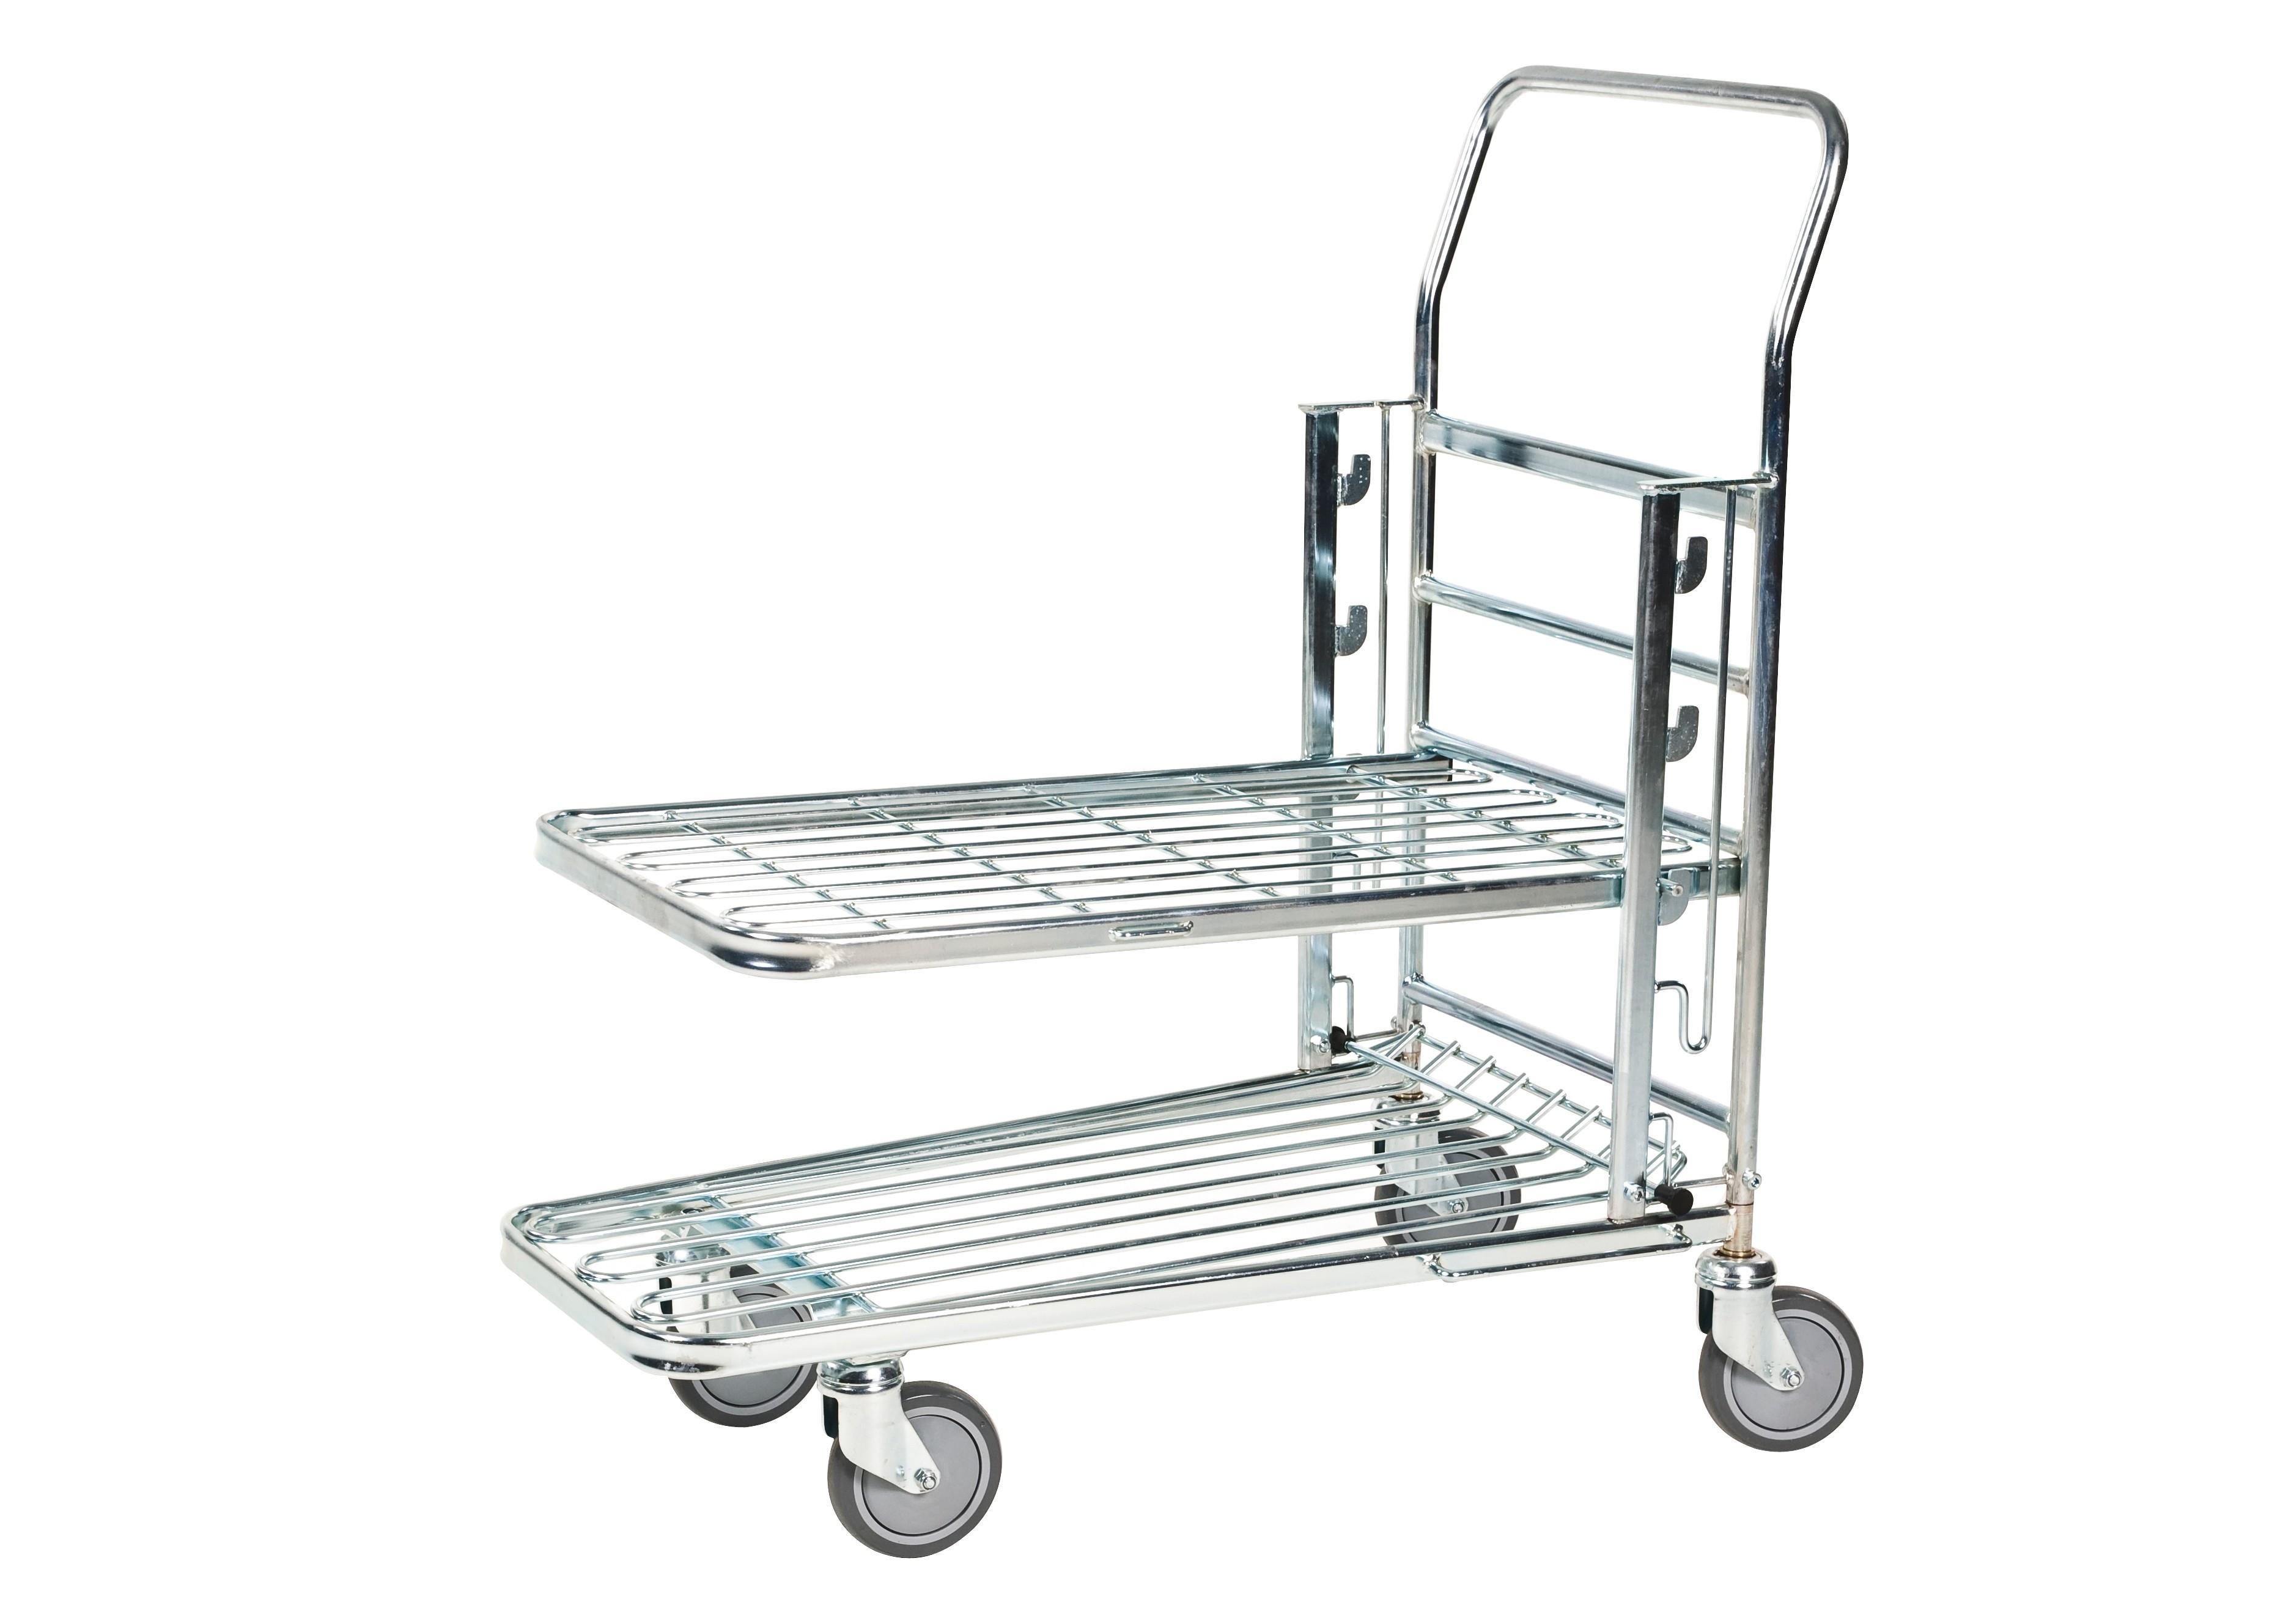 chariot en acier galvanis emboitable plateau r glable sur 3 niveaux de hauteur. Black Bedroom Furniture Sets. Home Design Ideas